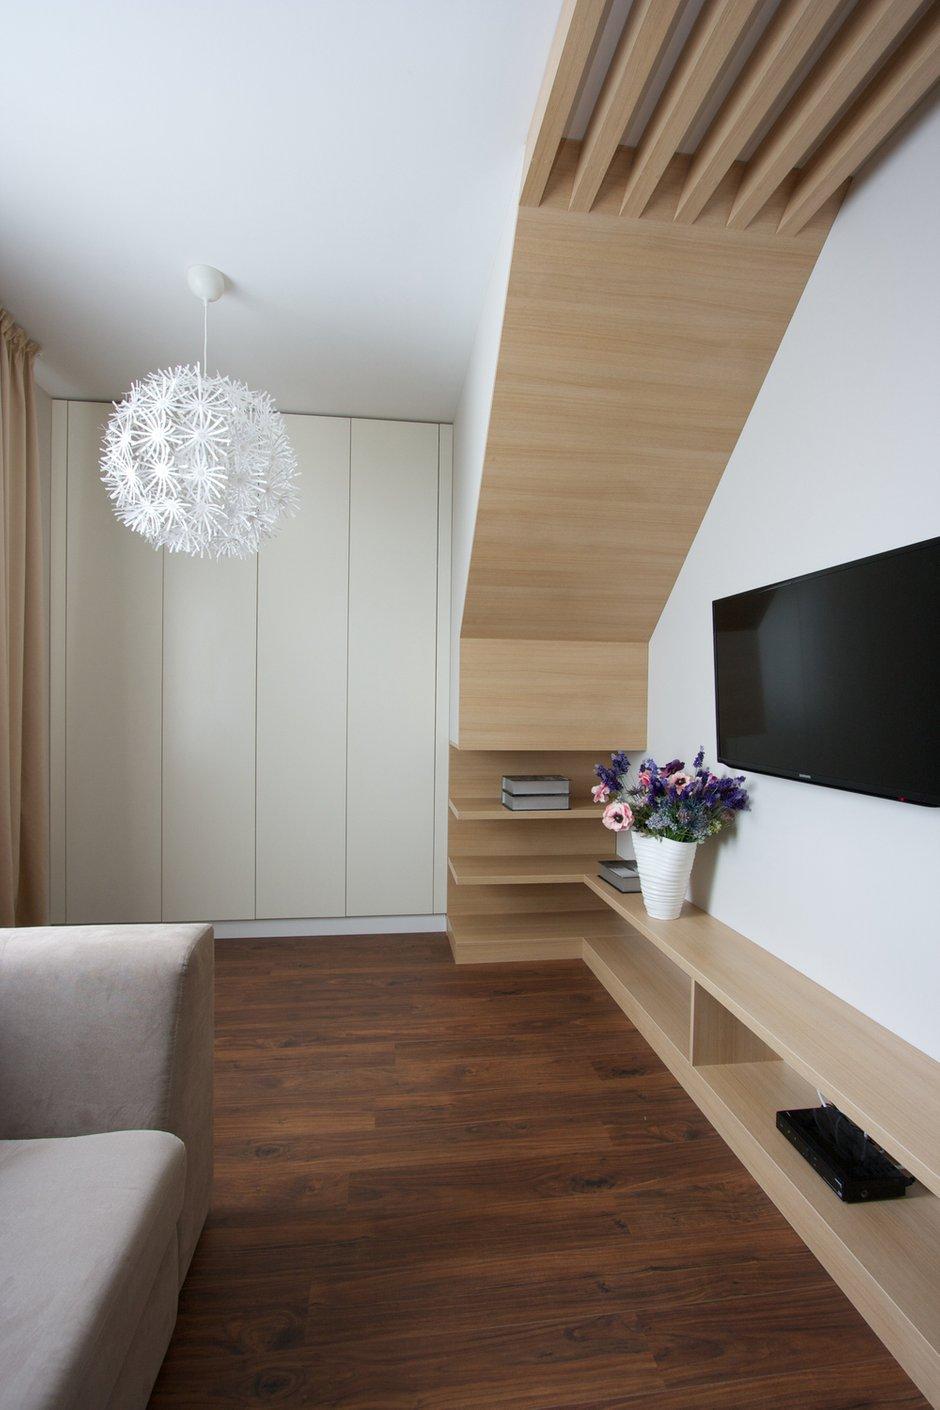 Фотография: Декор в стиле Современный, Дом, Планировки, Мебель и свет, Дома и квартиры, Мансарда – фото на INMYROOM